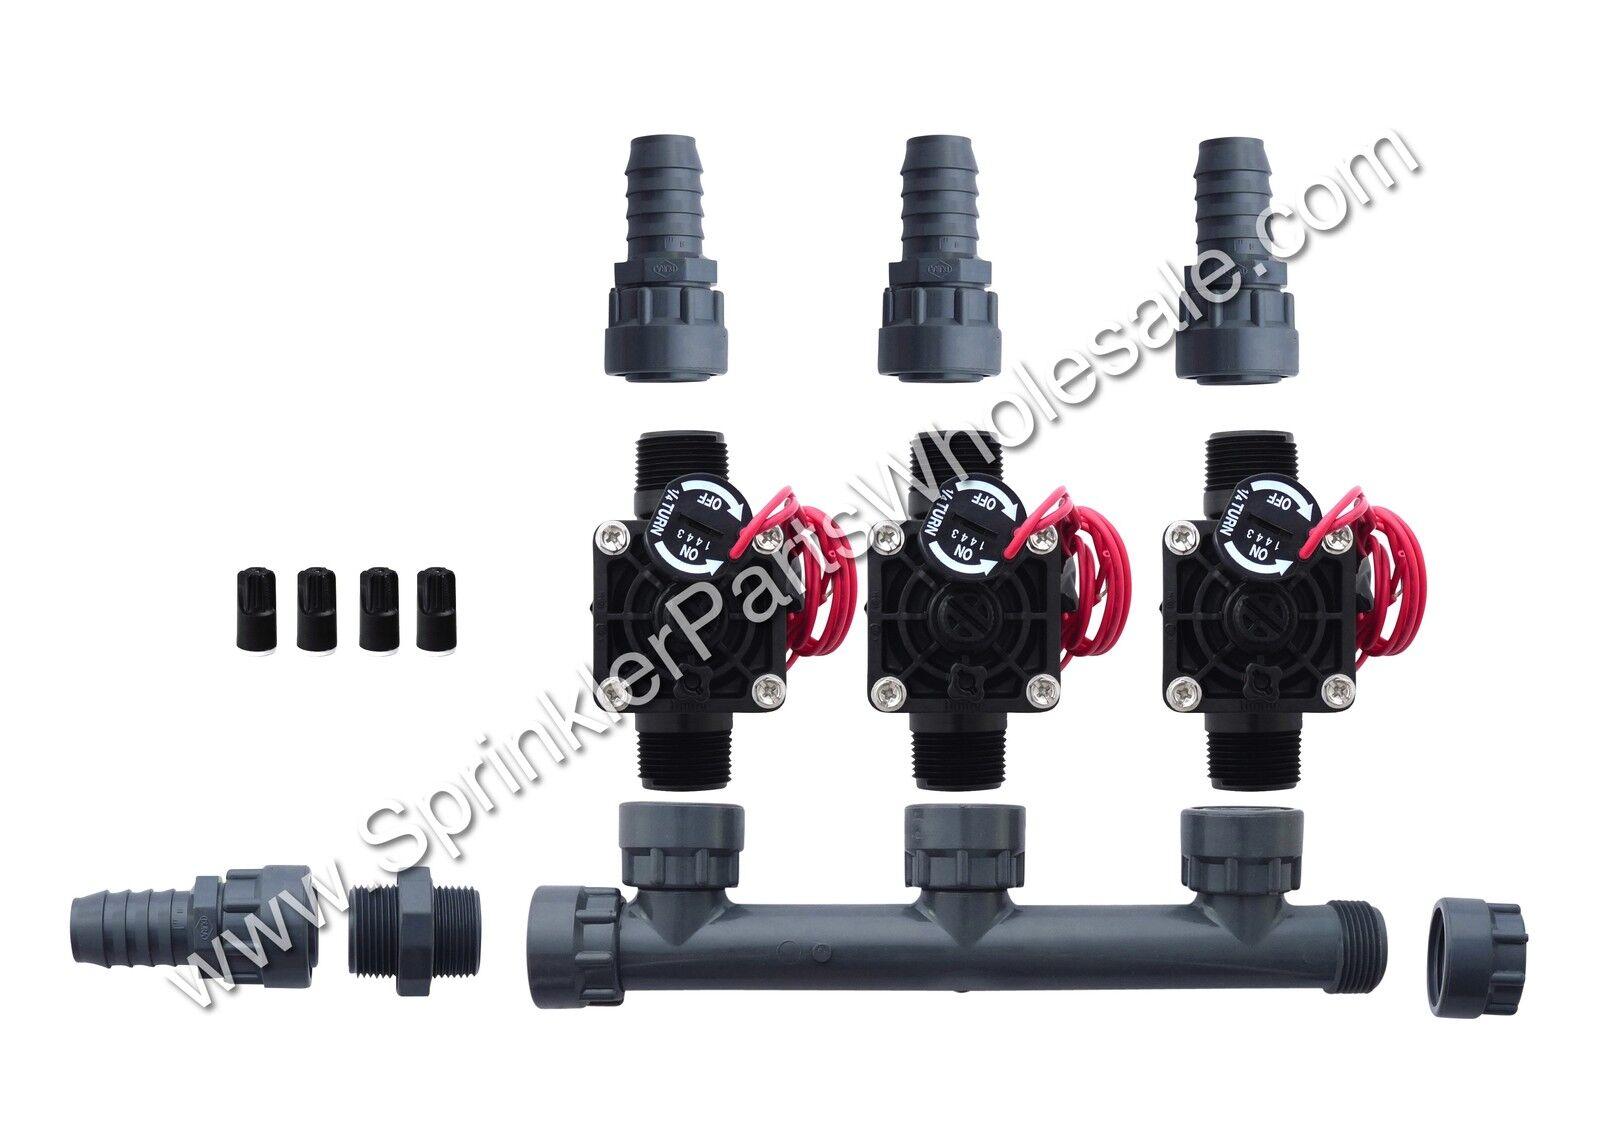 Hunter pgv101-mm 3 Zona Dura colector Válvula Kit C   Control de flujo-Barb 301-010-3